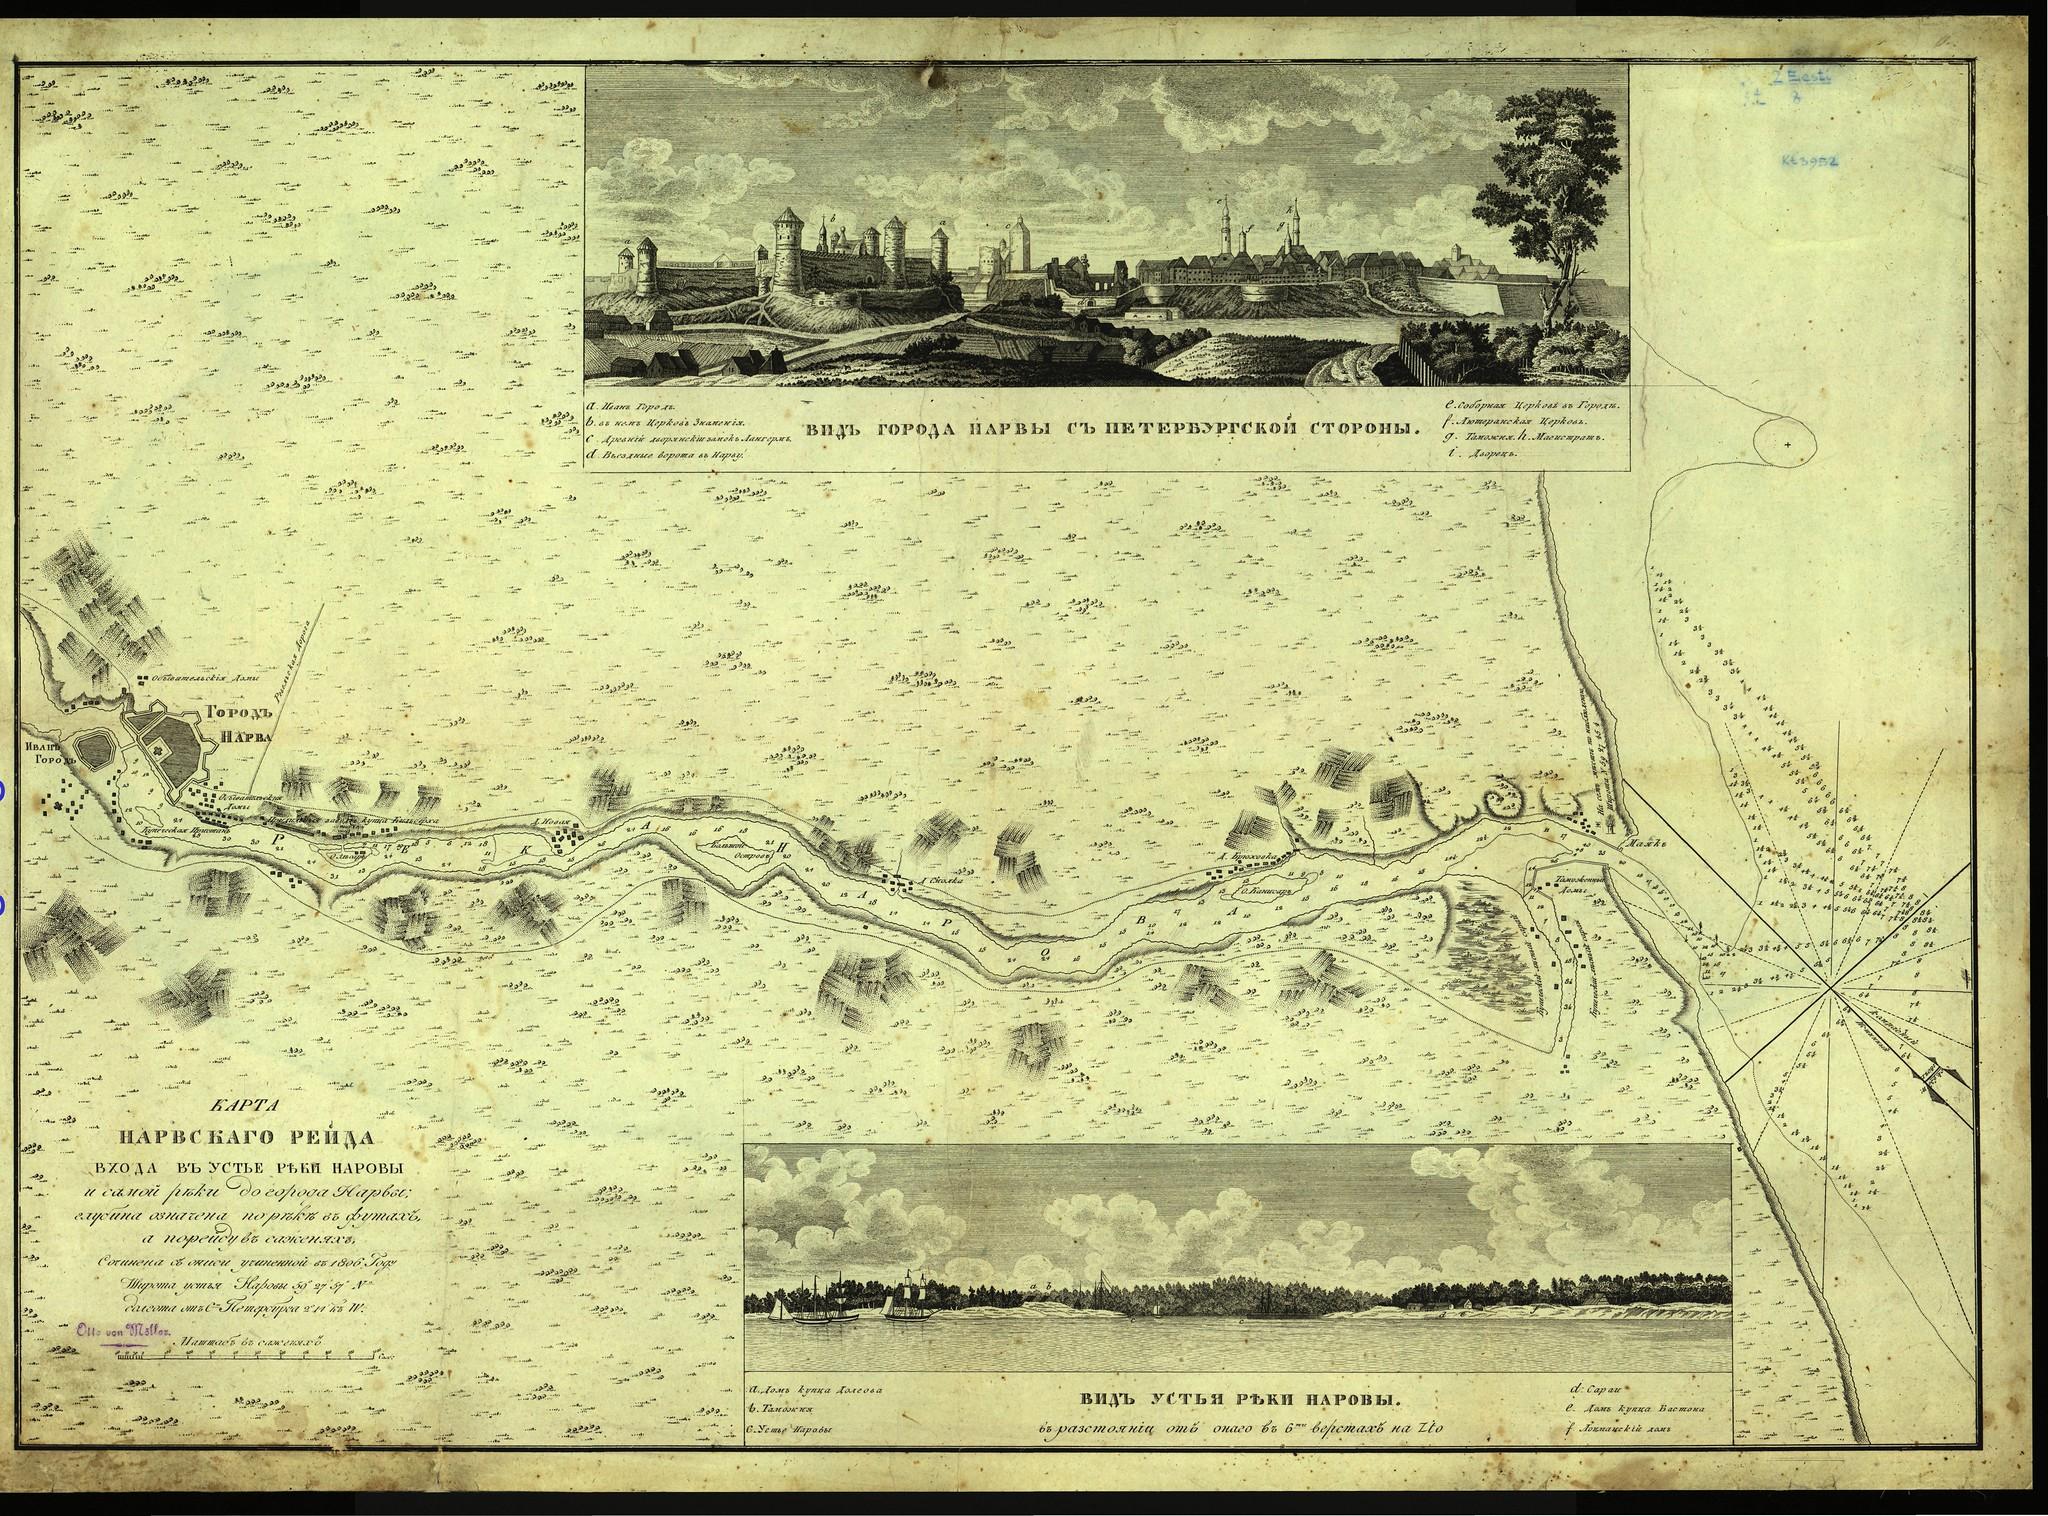 1859. Карта Нарвского рейда, входа в устье реки Наровы и самой реки до г. Нарвы